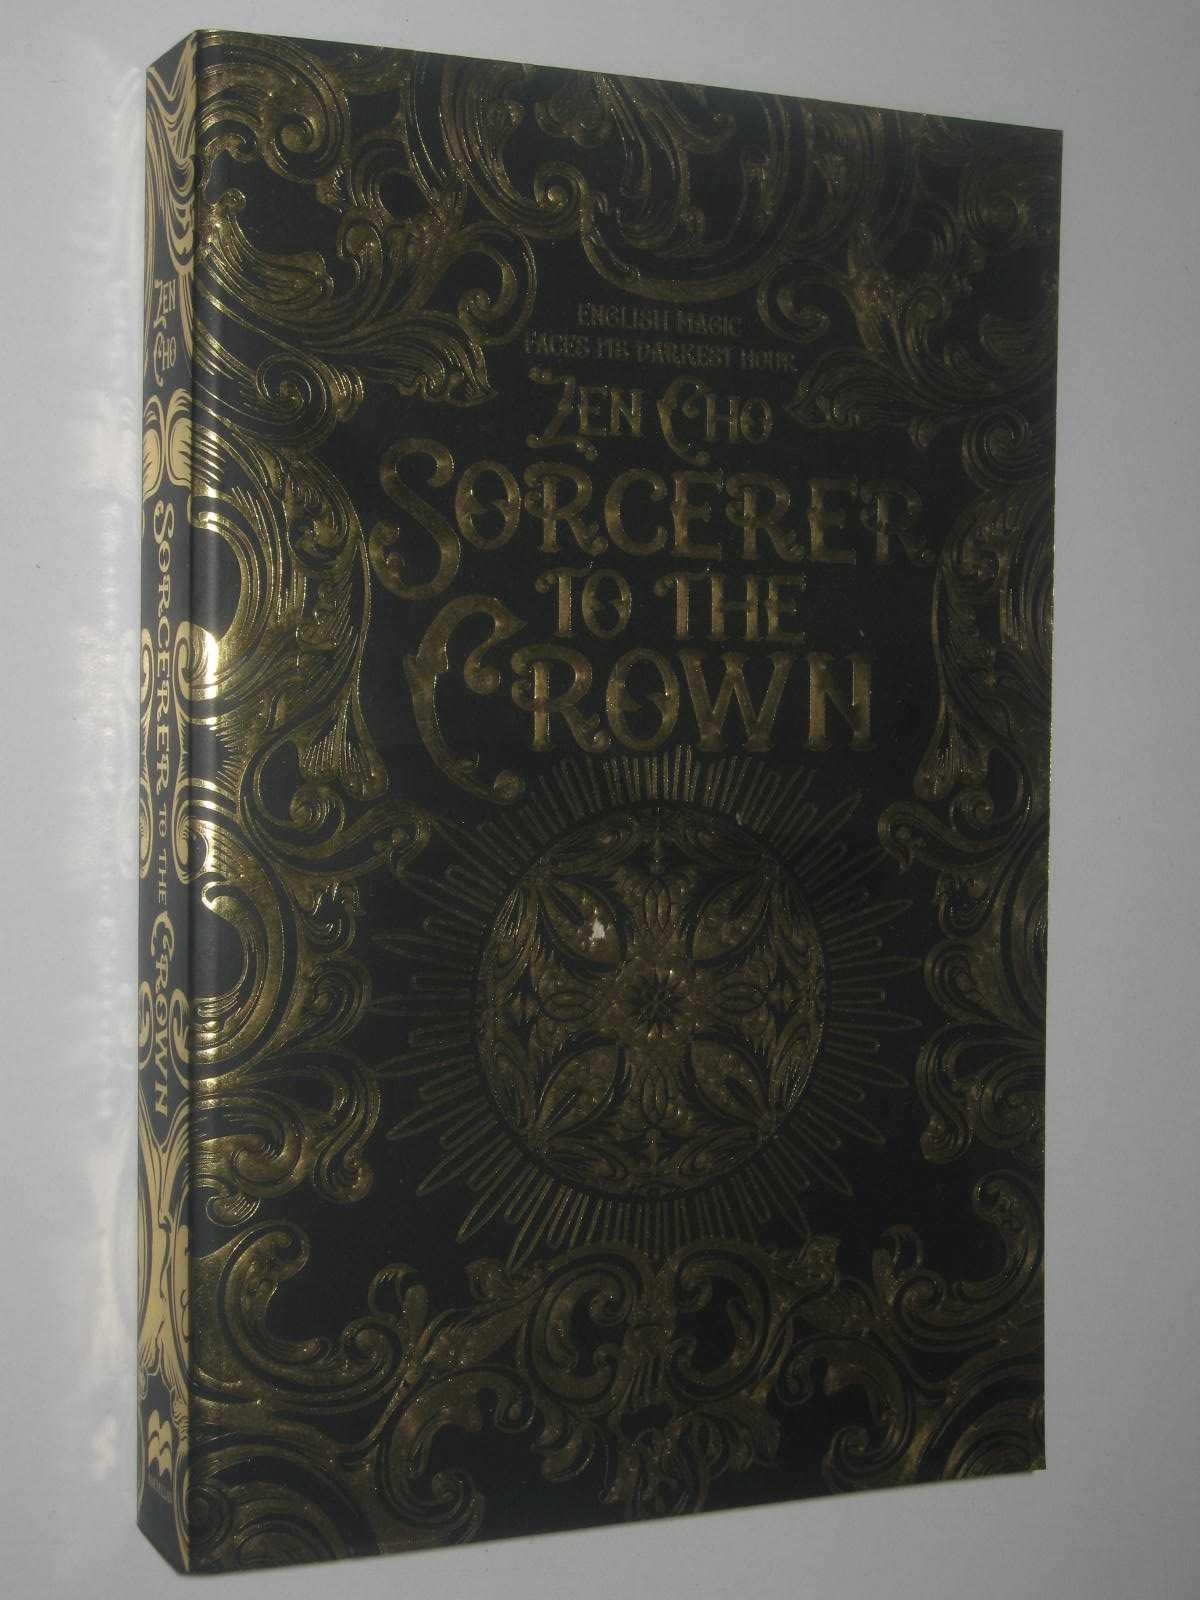 Image for Sorcerer To The Crown - Sorcerer Royal trilogy Series